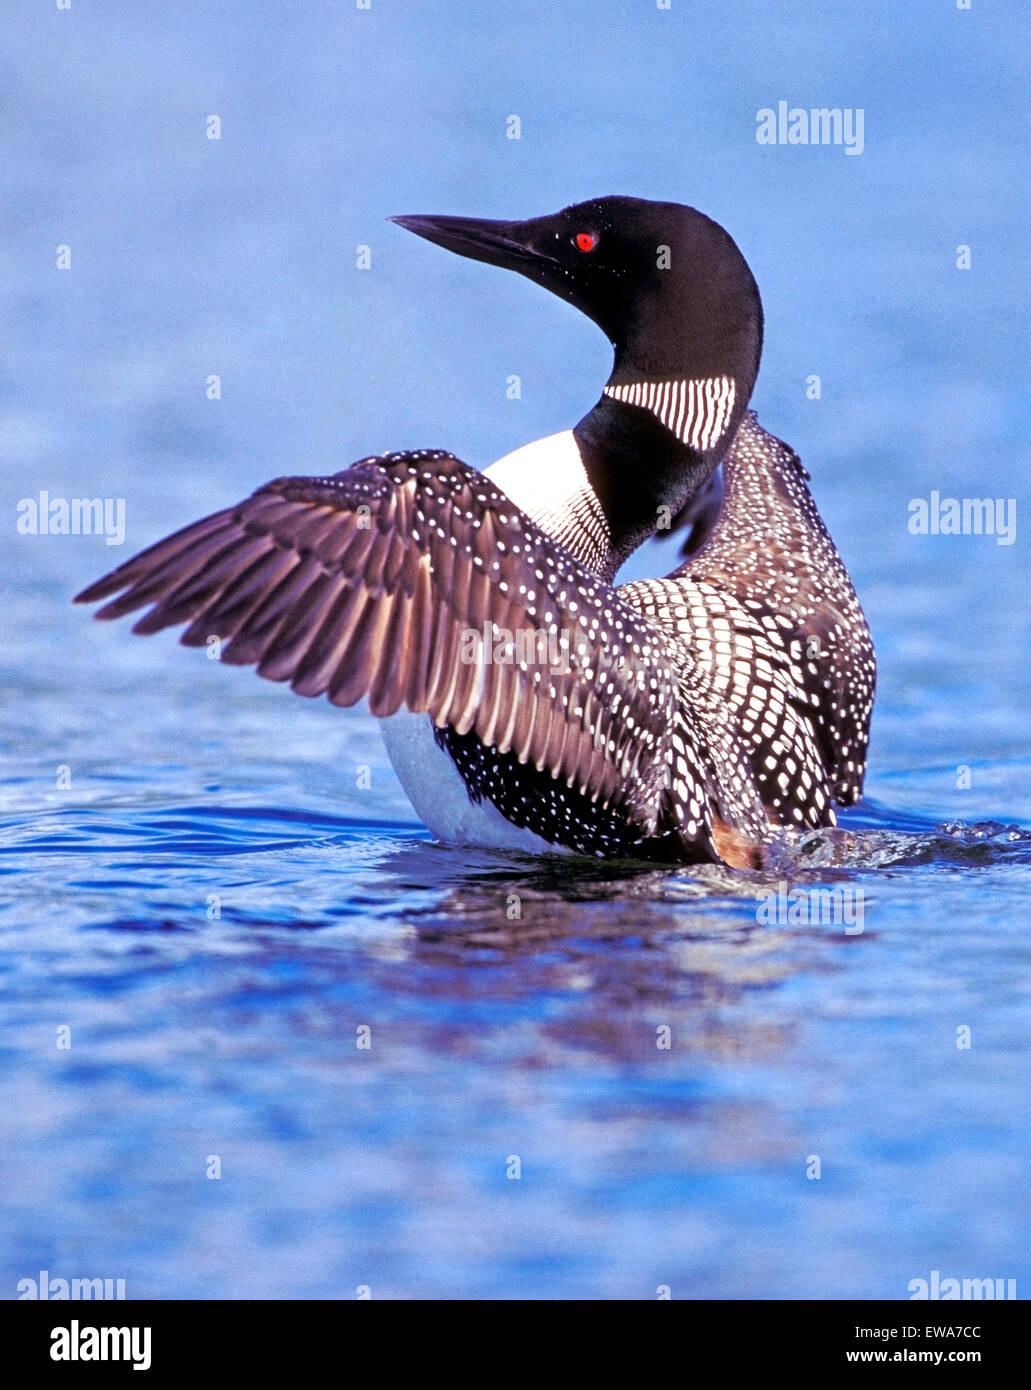 Loon comune o Great Northern Diver ali stese Immagini Stock